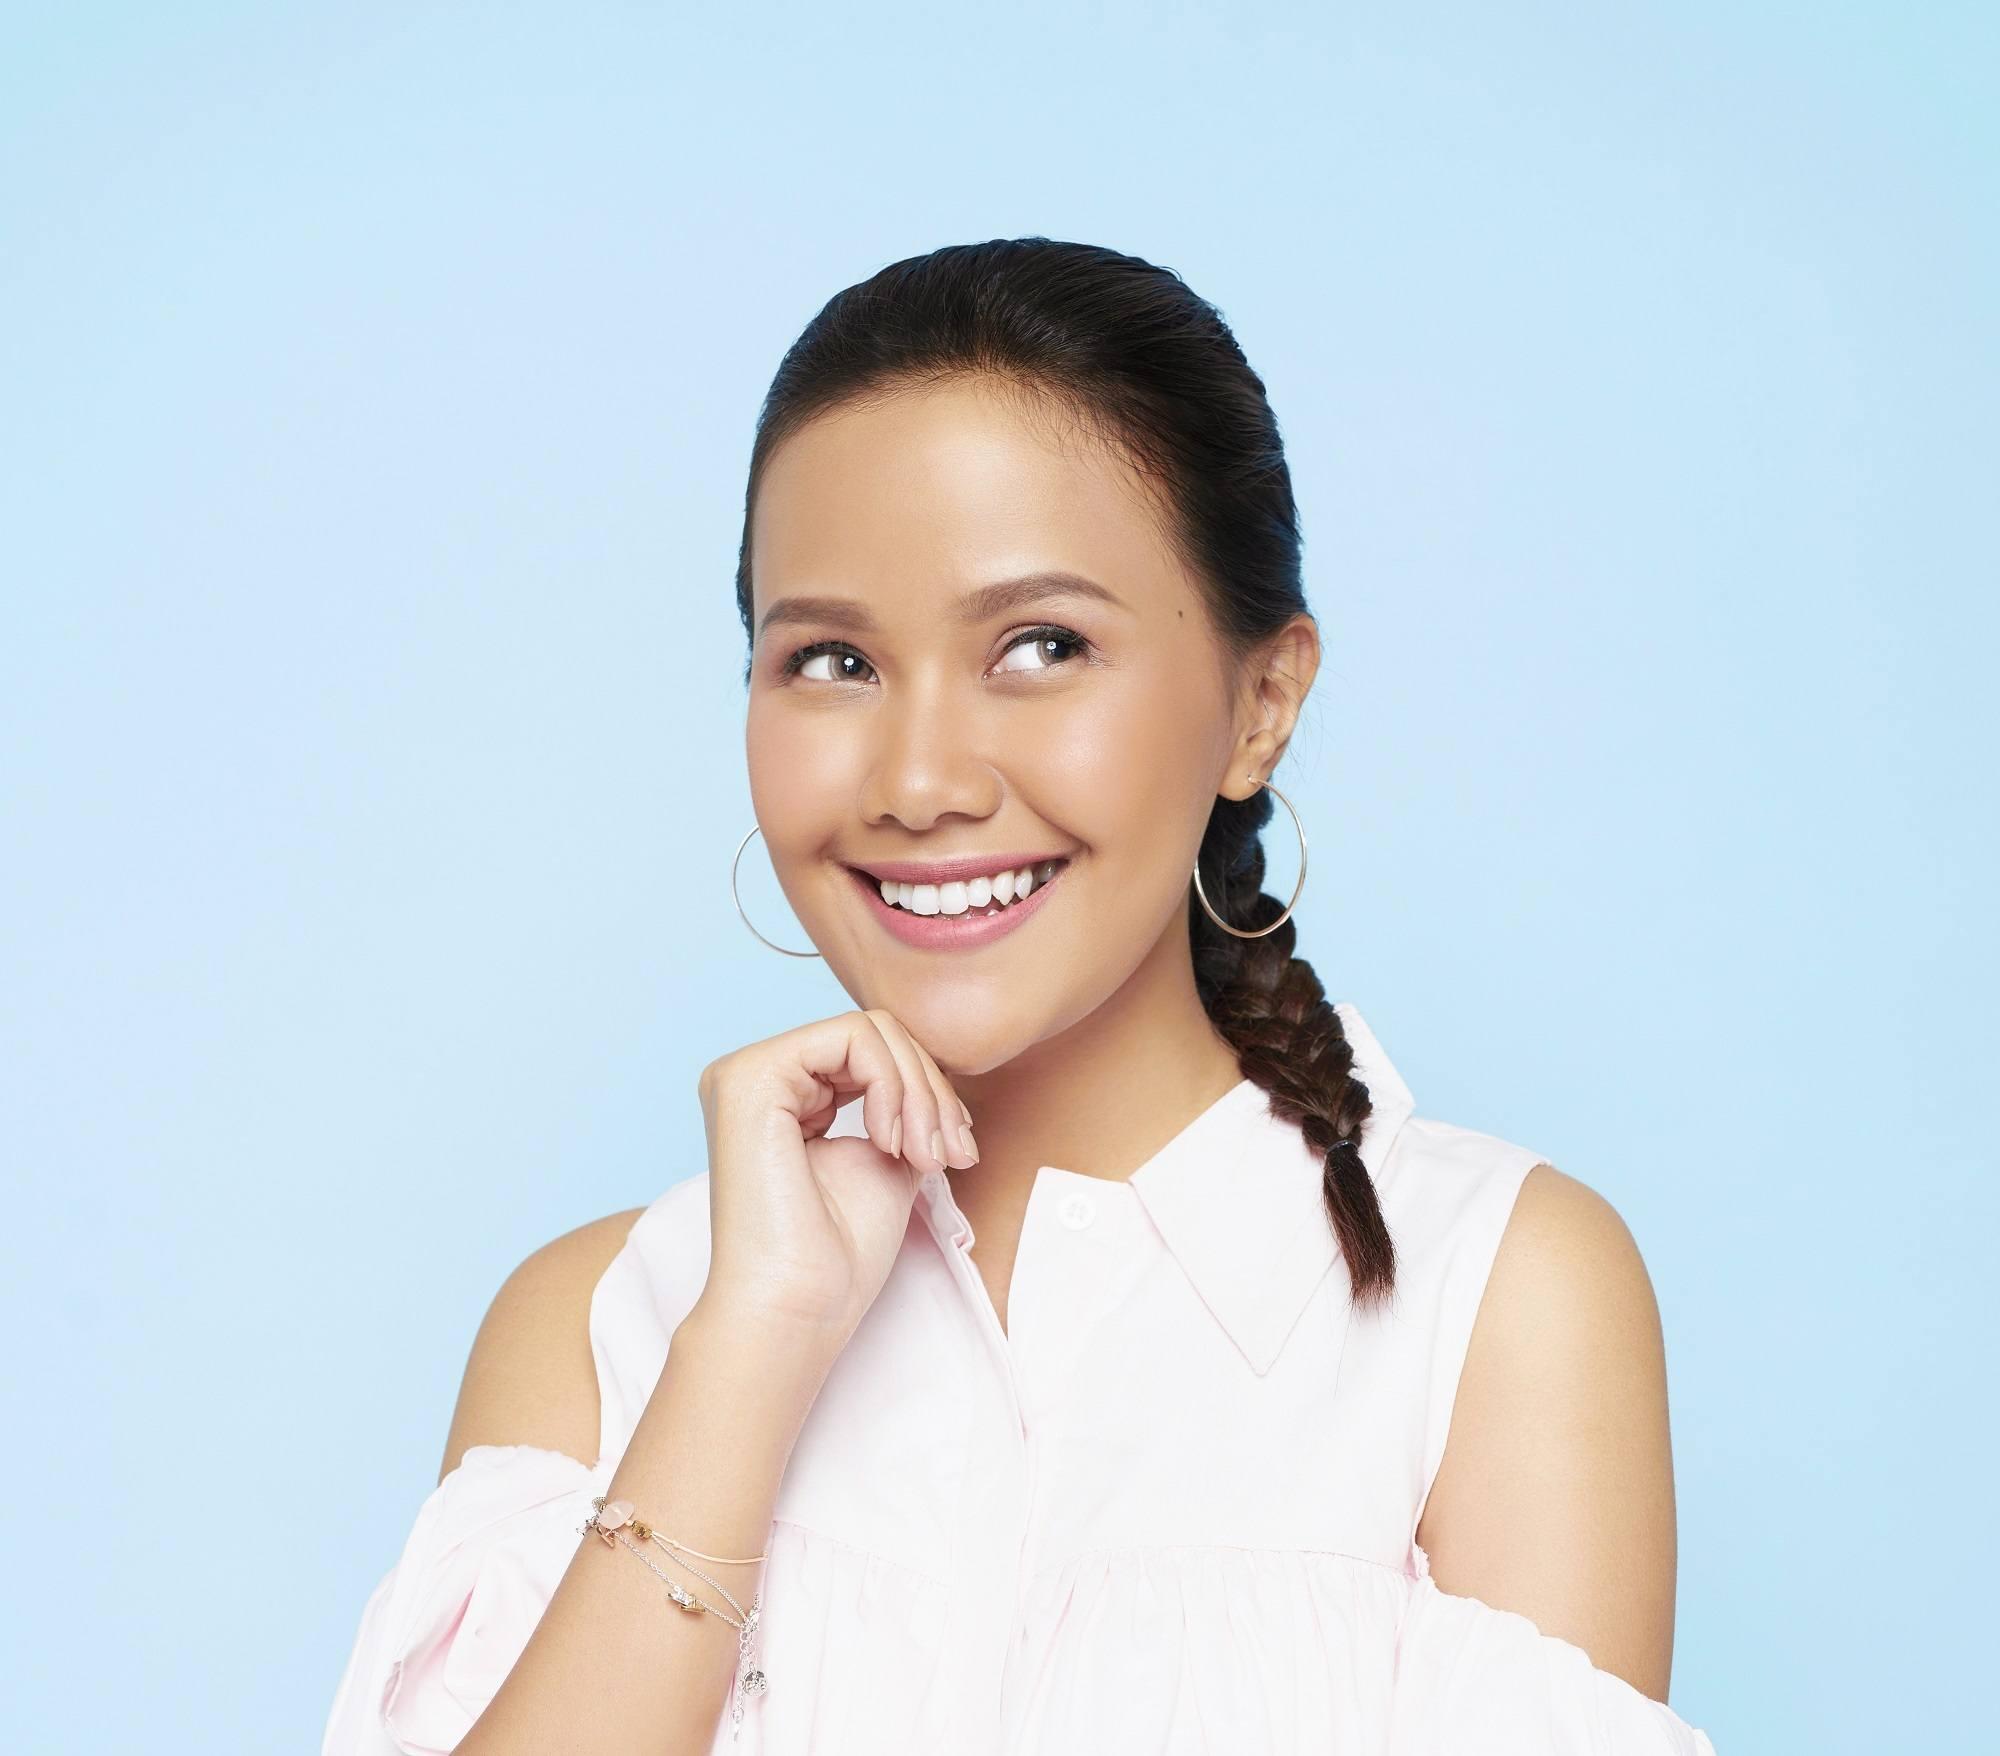 Pretty braids: Closeup shot of an Asian woman with long black hair in a Dutch braid